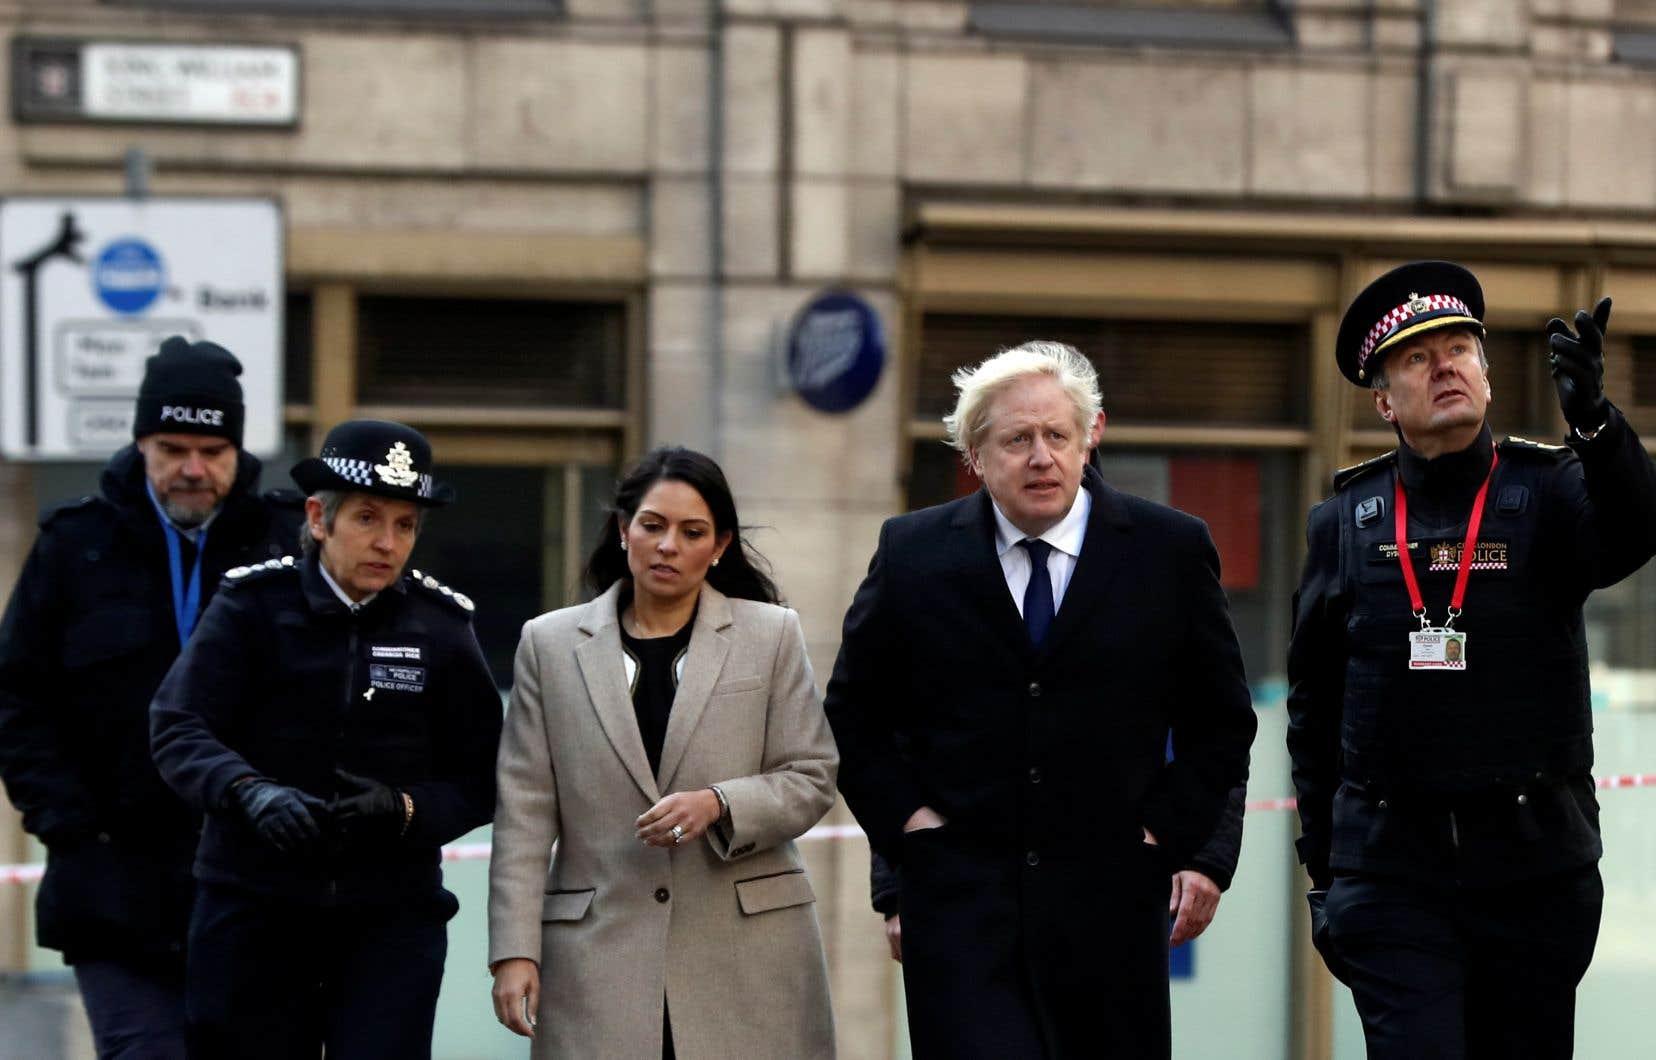 «Quand des gens sont condamnés à un certain nombre d'années en prison, ils devraient purger chaque année de cette condamnation», a déclaré Boris Johnson après s'être rendu sur les lieux de l'attaque.